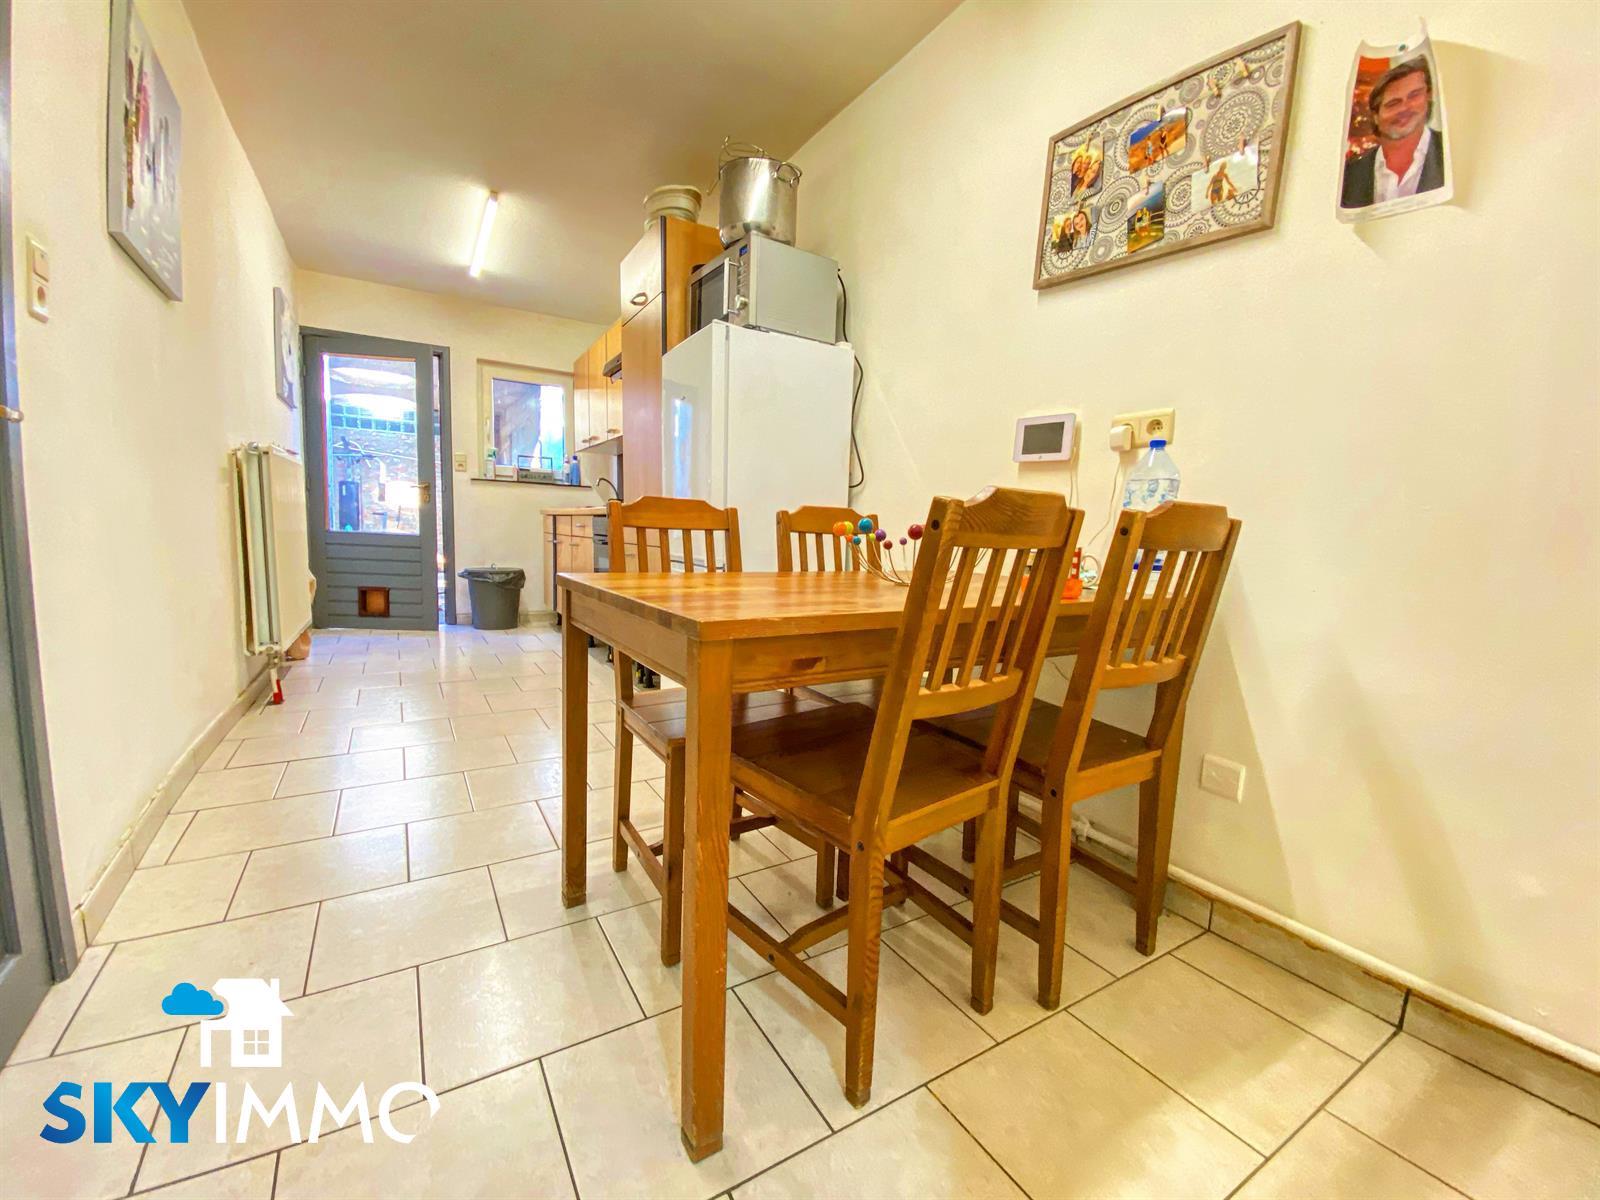 Maison - Seraing - #4325764-7